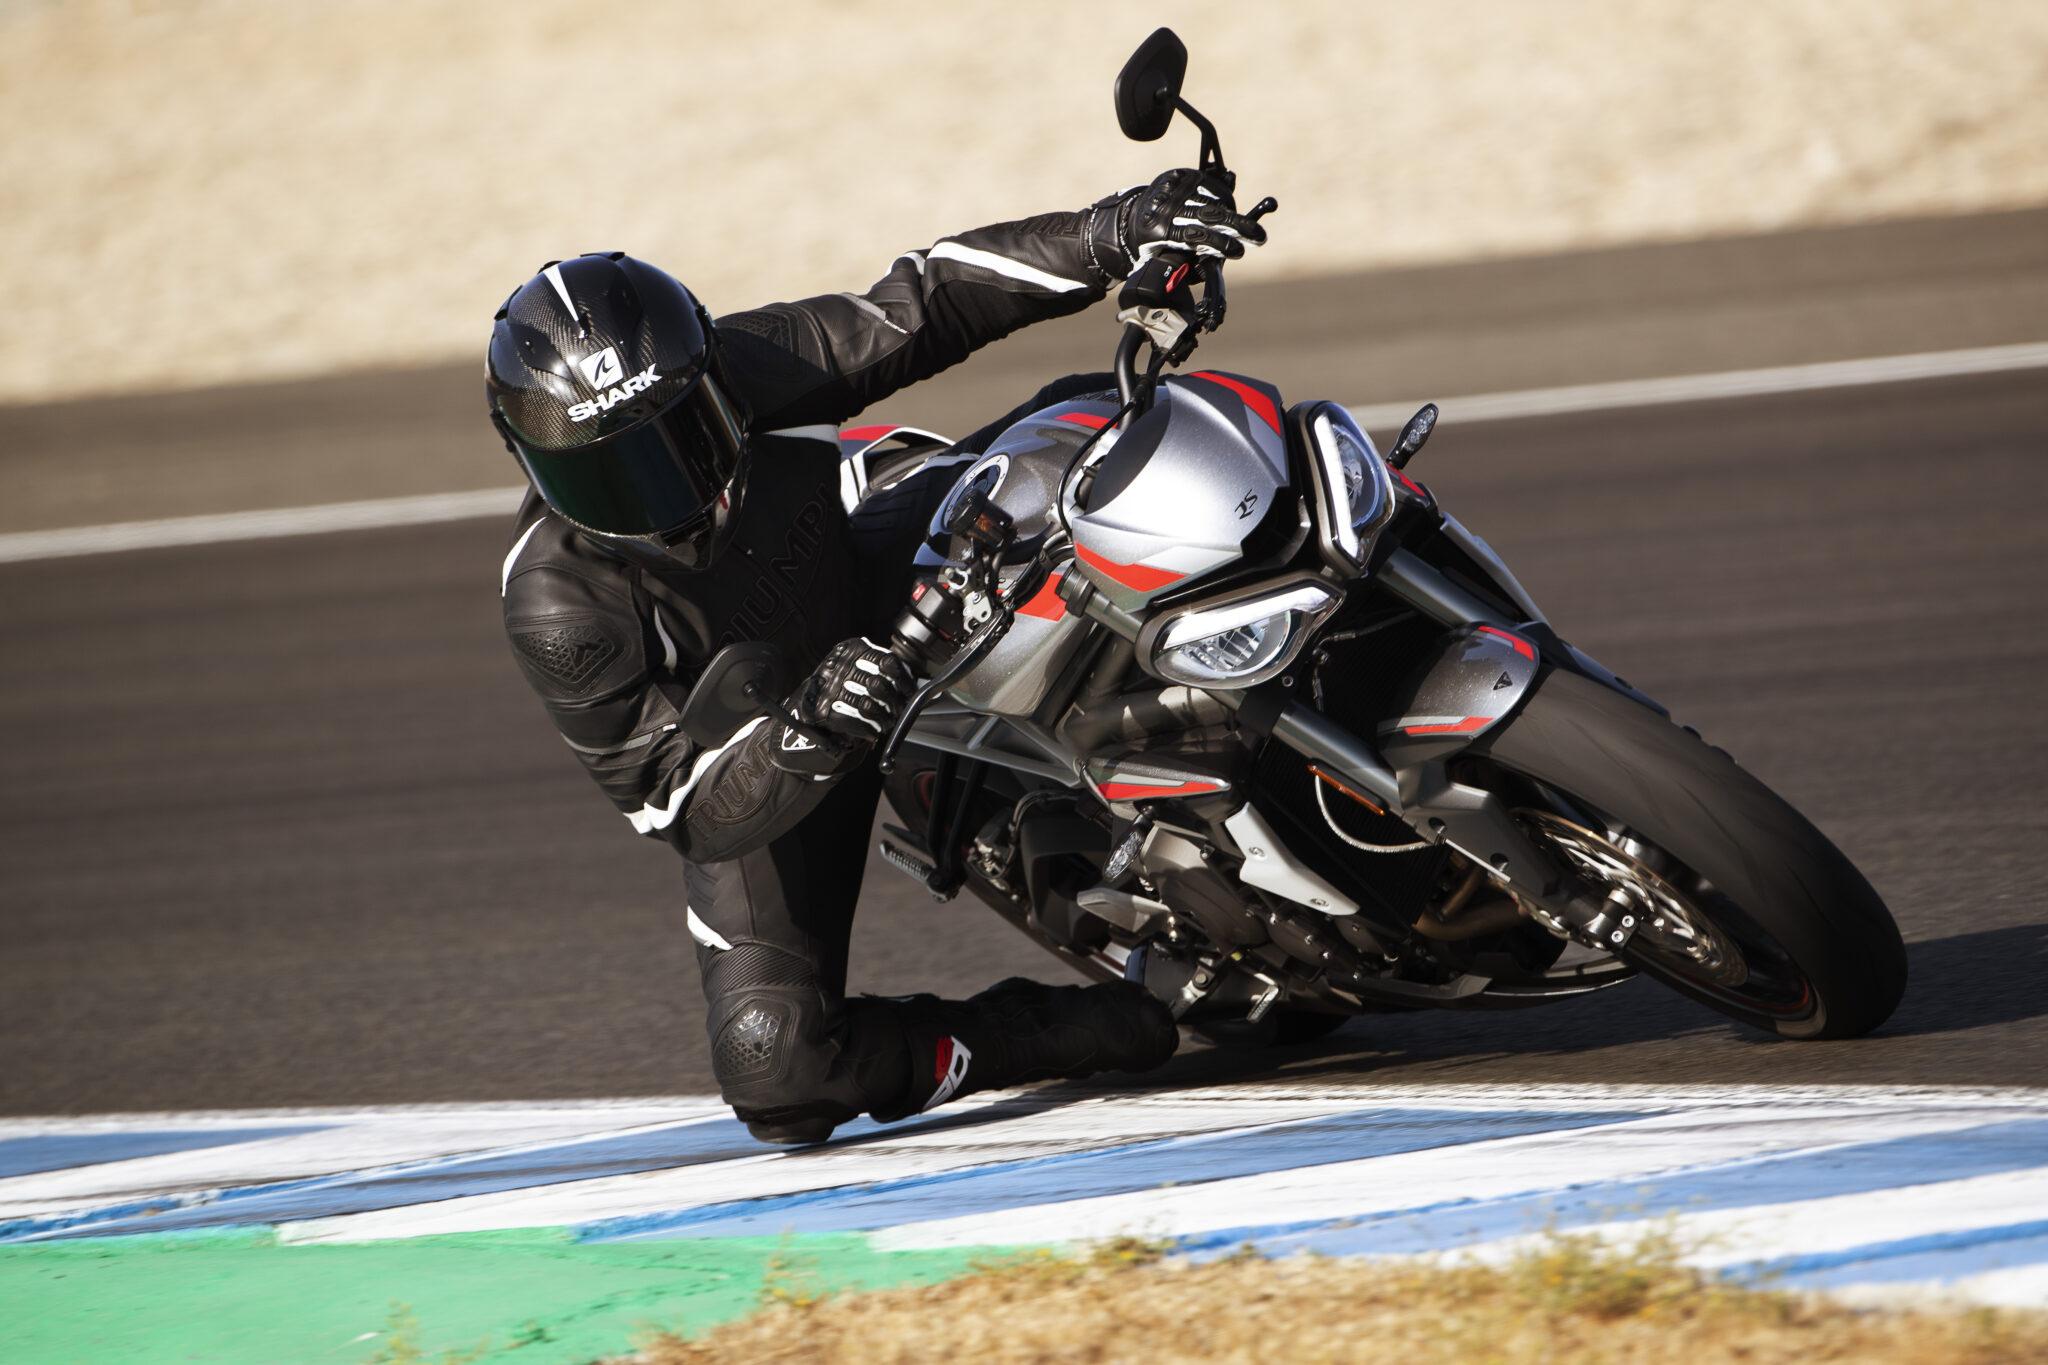 Triumph Motorcycles despliega todo su ADN competitivo con